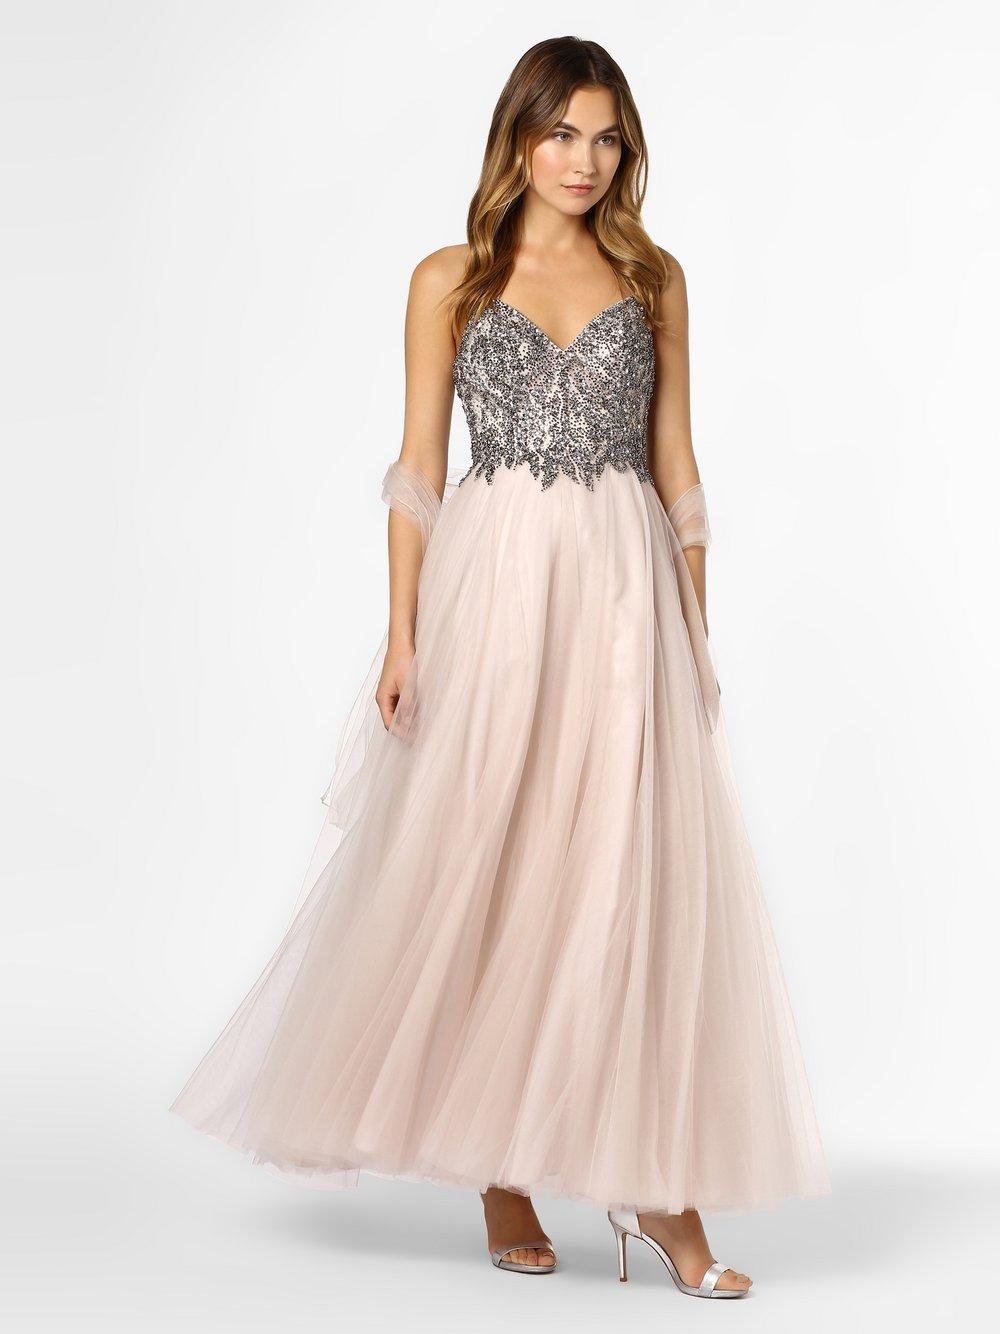 Unique – Damska sukienka wieczorowa z etolą, beżowy Van Graaf 419646-0004-00340